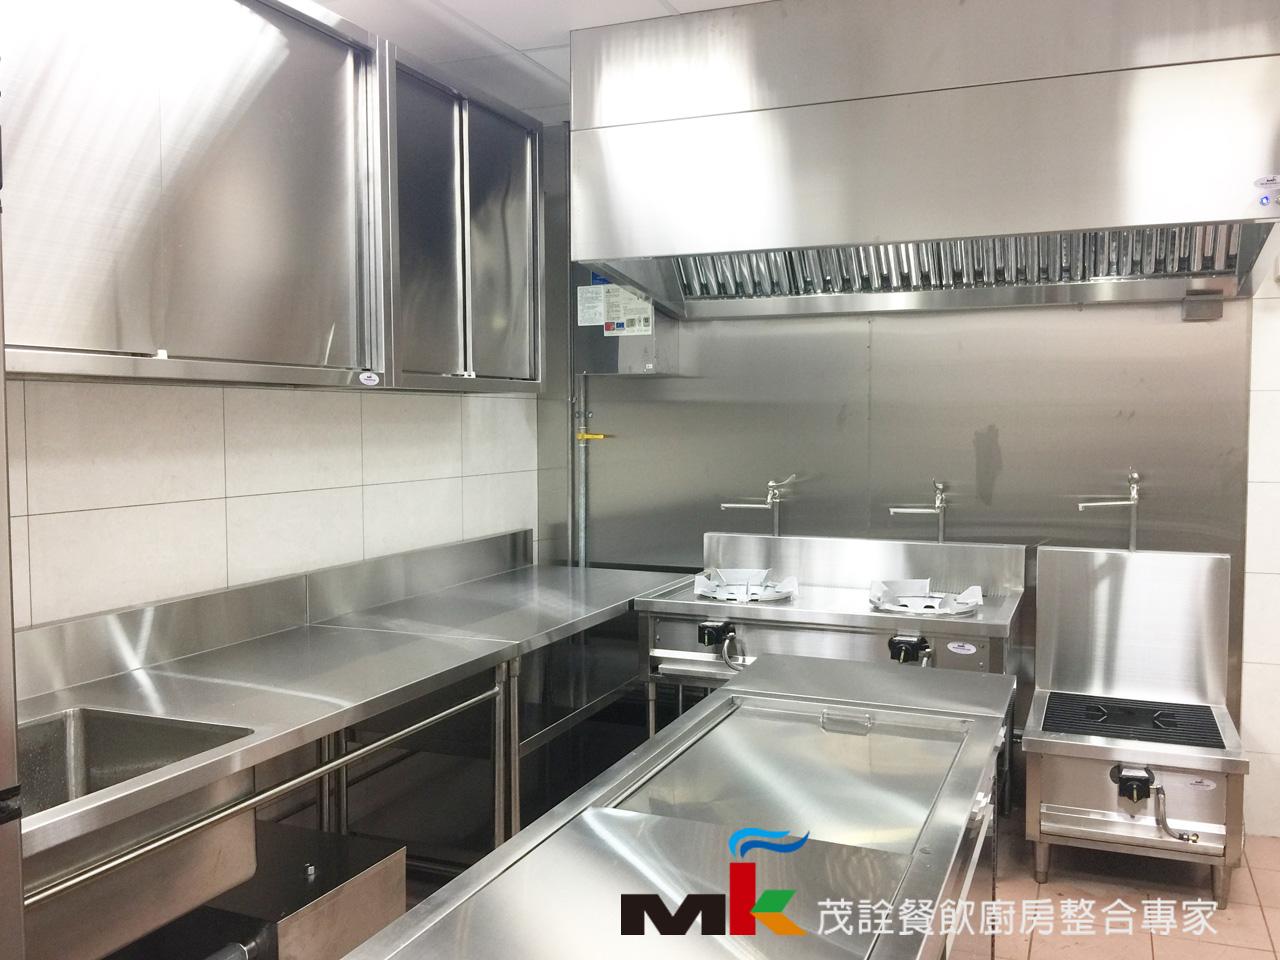 餐飲設備,廚房設備